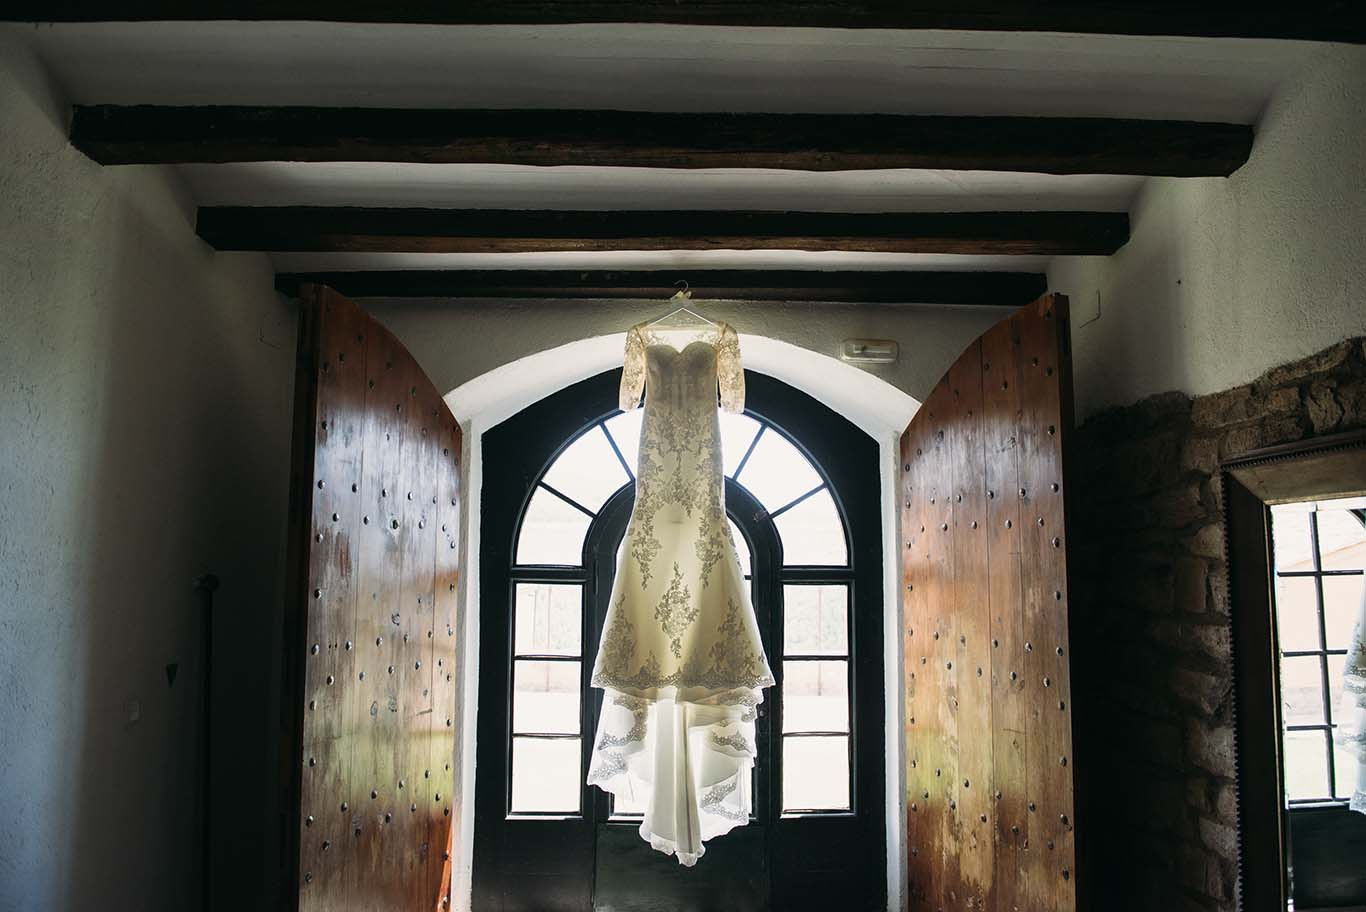 Casaments-ca-nalzina-espai-gastronomia04